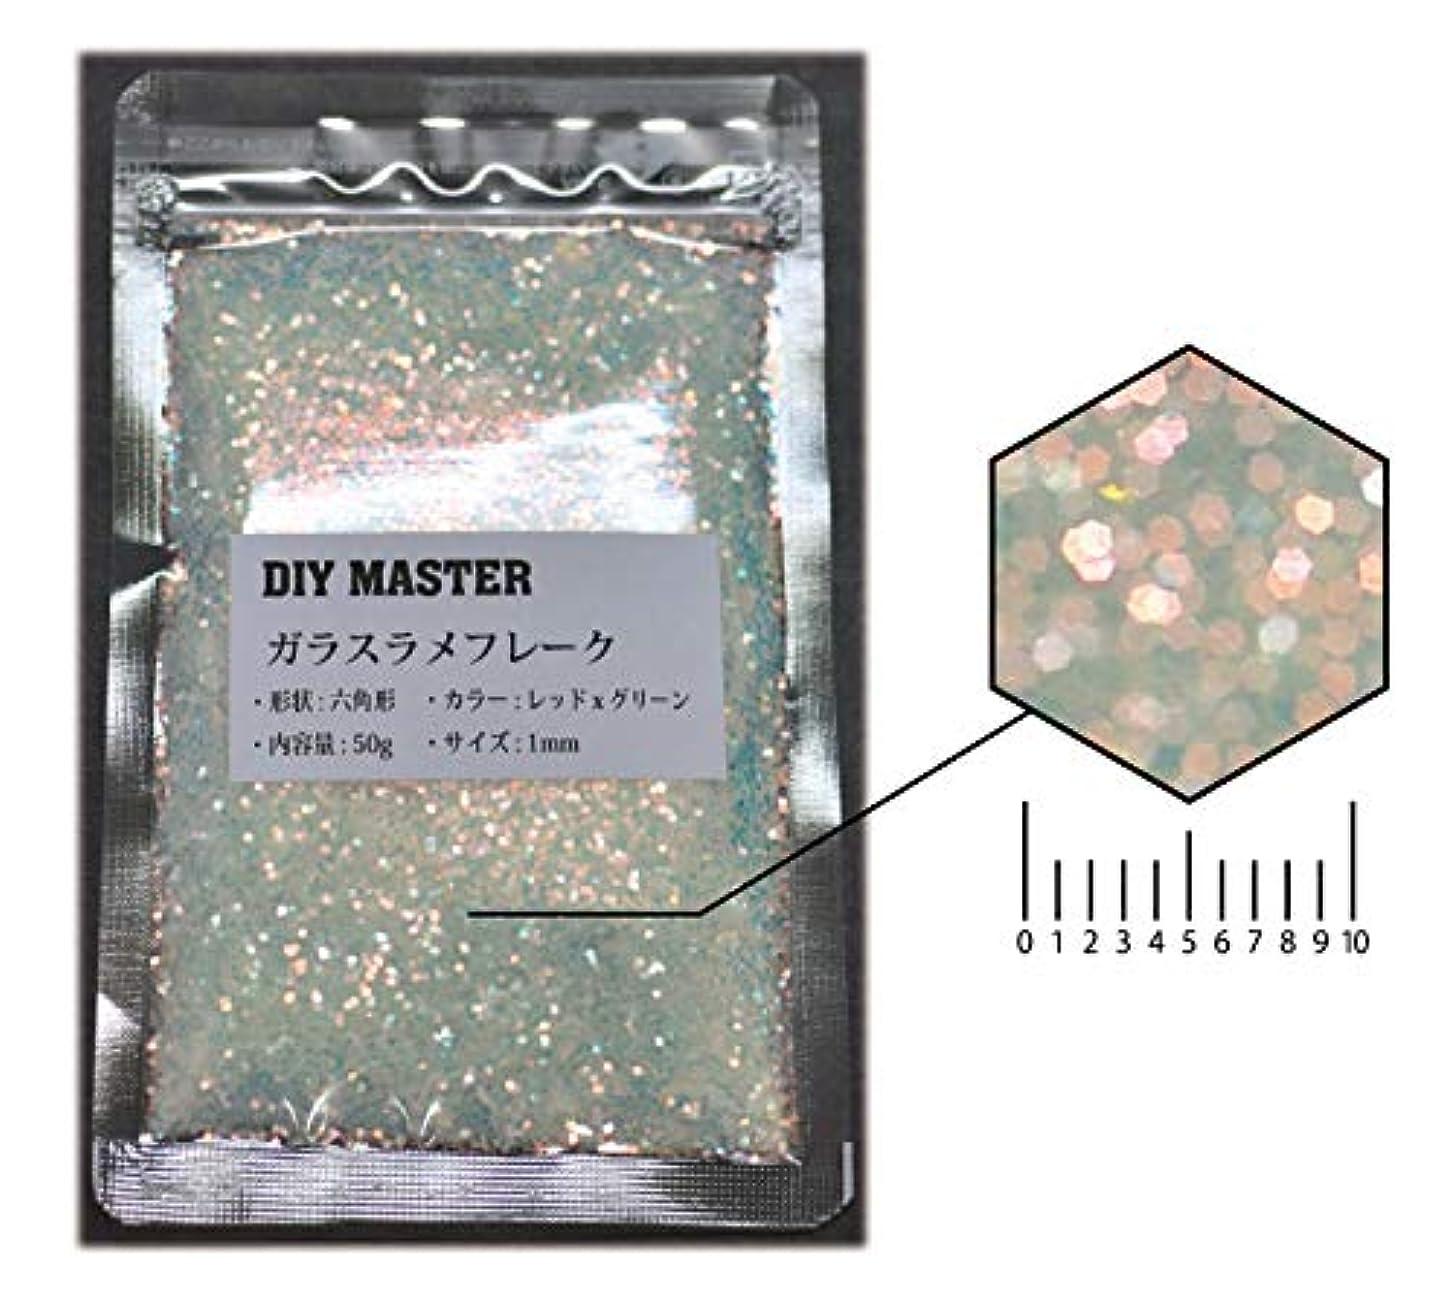 西そばに判定DIY MASTER ガラスラメフレーク (偏光) レッドxグリーン 1mm 50g